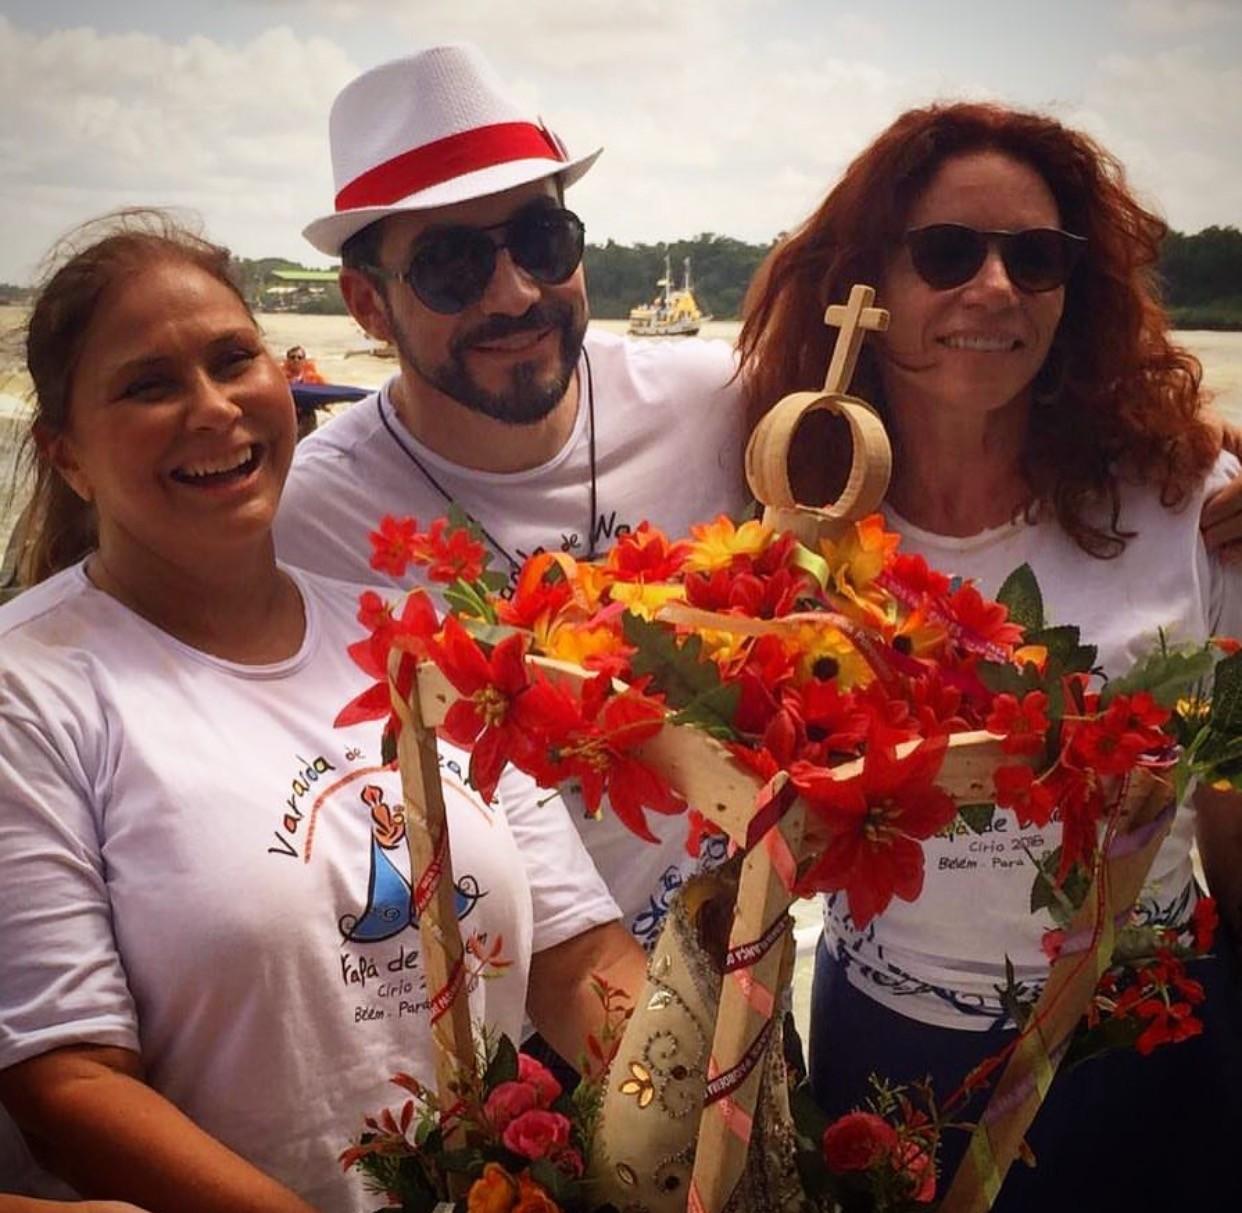 Fafá de Belém, padre Fábio de Melo e Leilane Neubarth (Foto: Reprodução/Instagram)